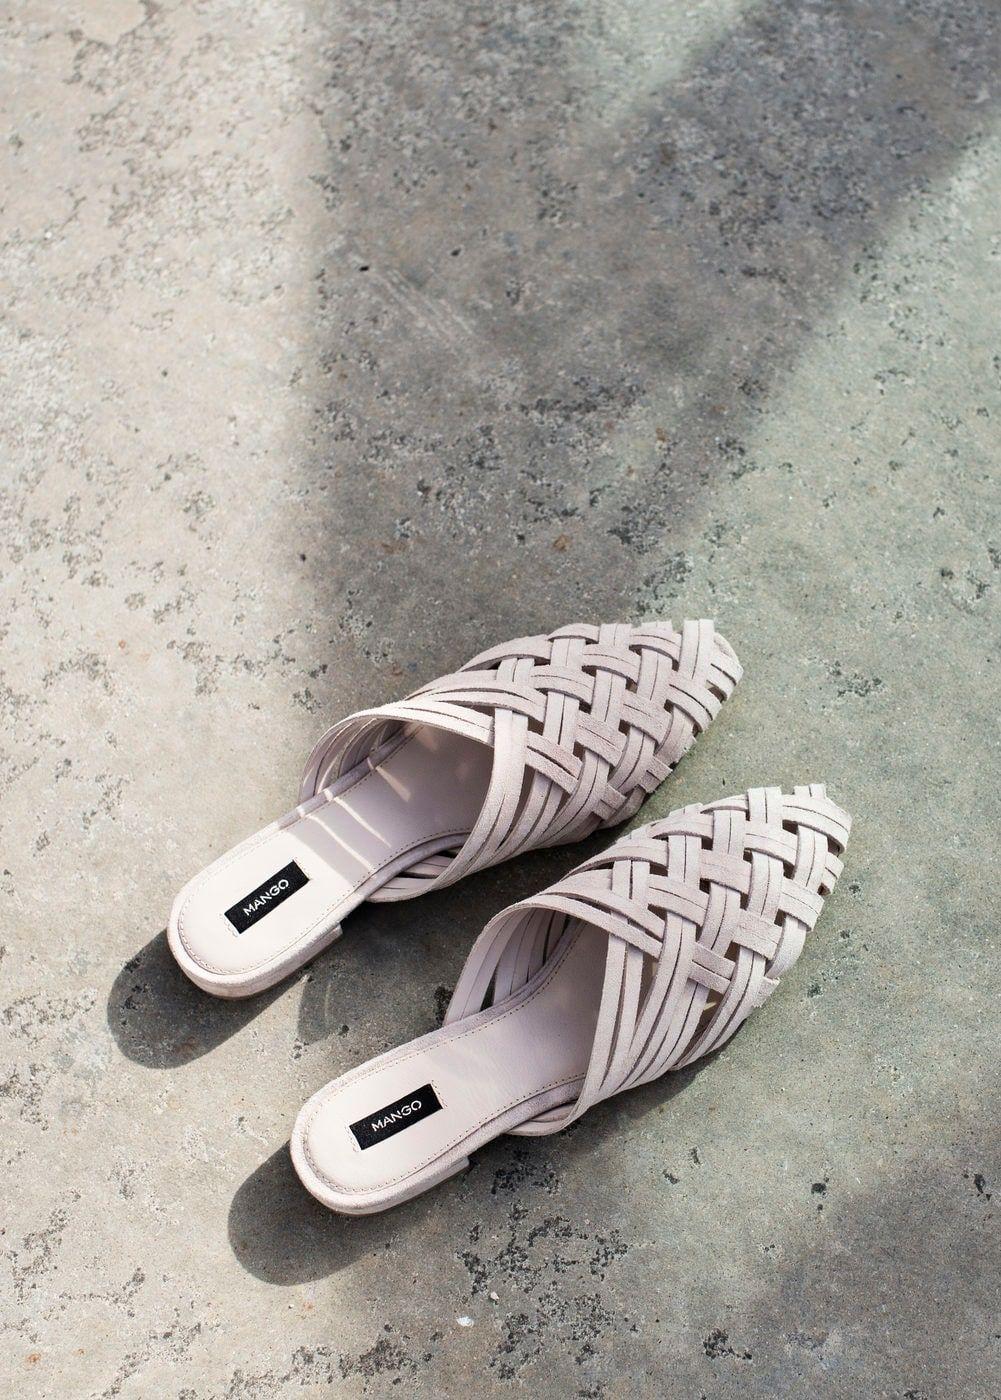 square toe schoenen dames 2018